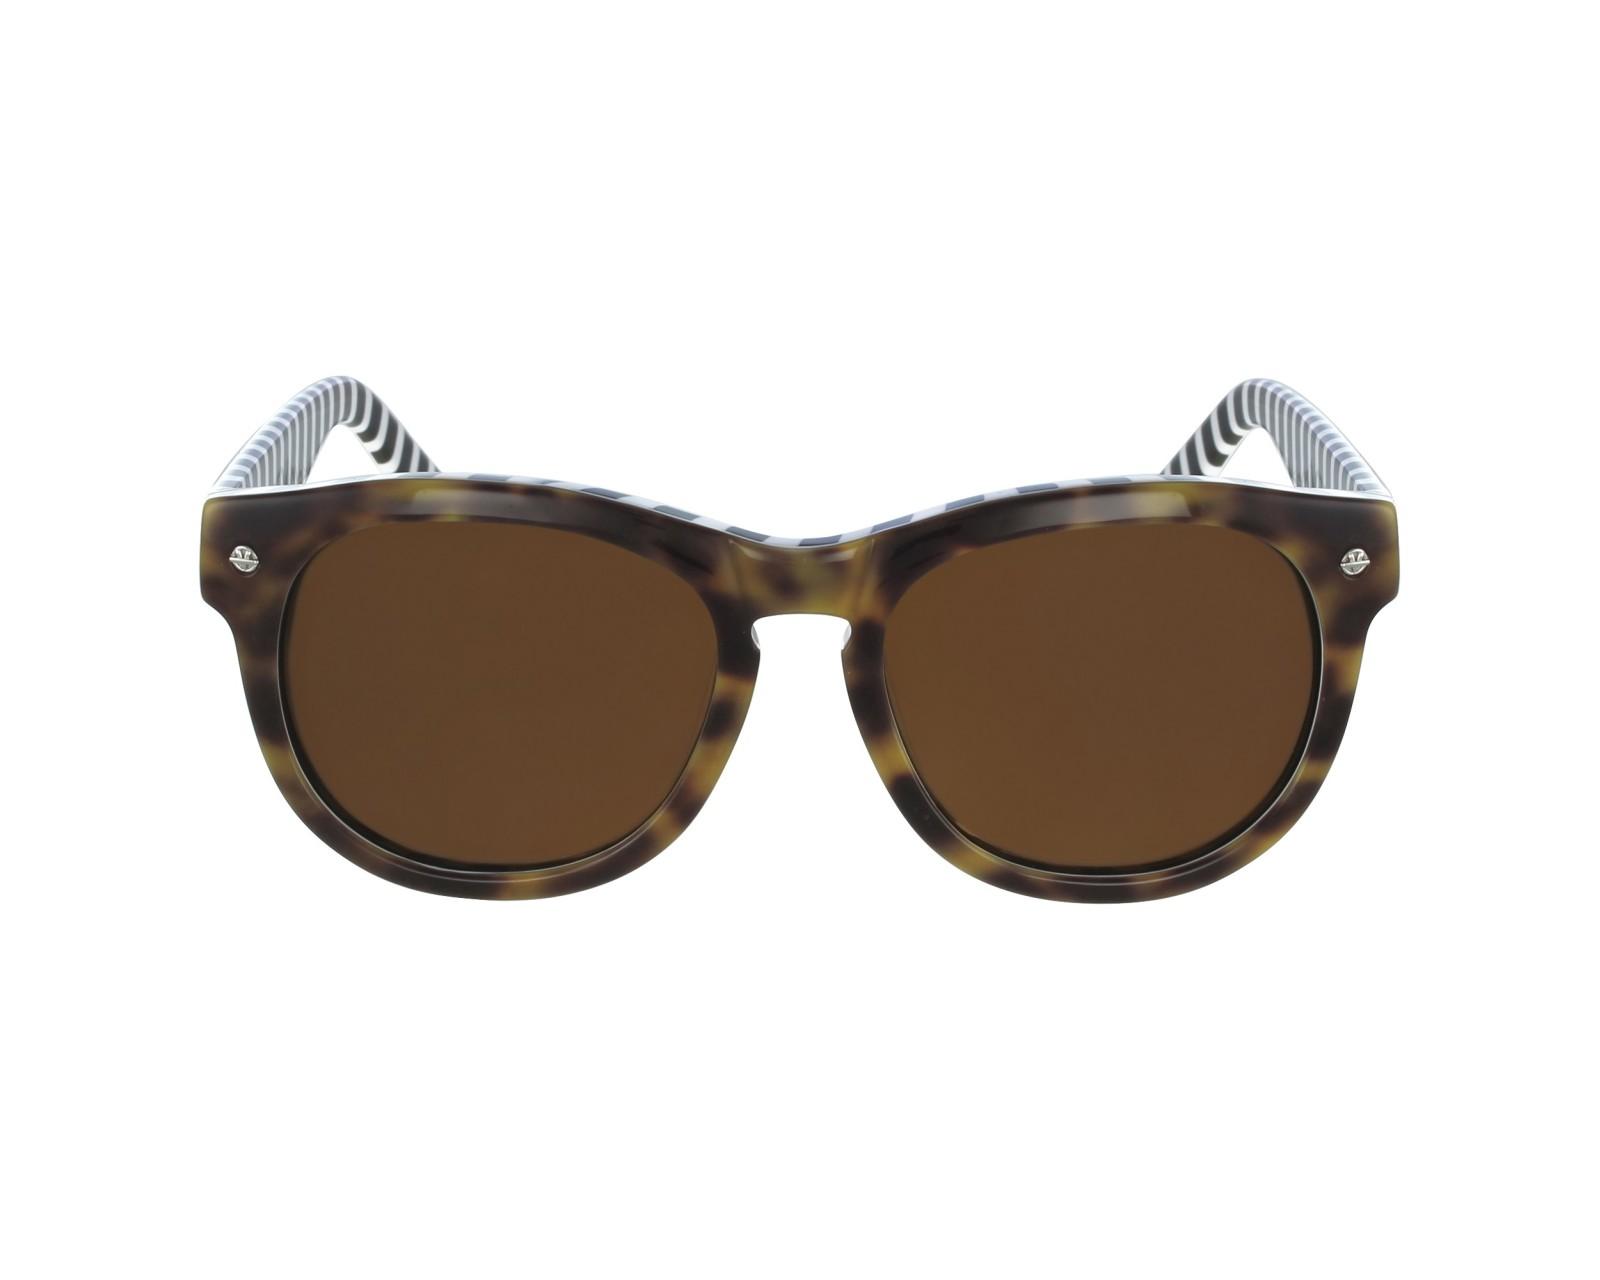 Lunettes de soleil vuarnet vl 1504 0003 havane miel avec des verres marron - Verre lunette raye assurance ...